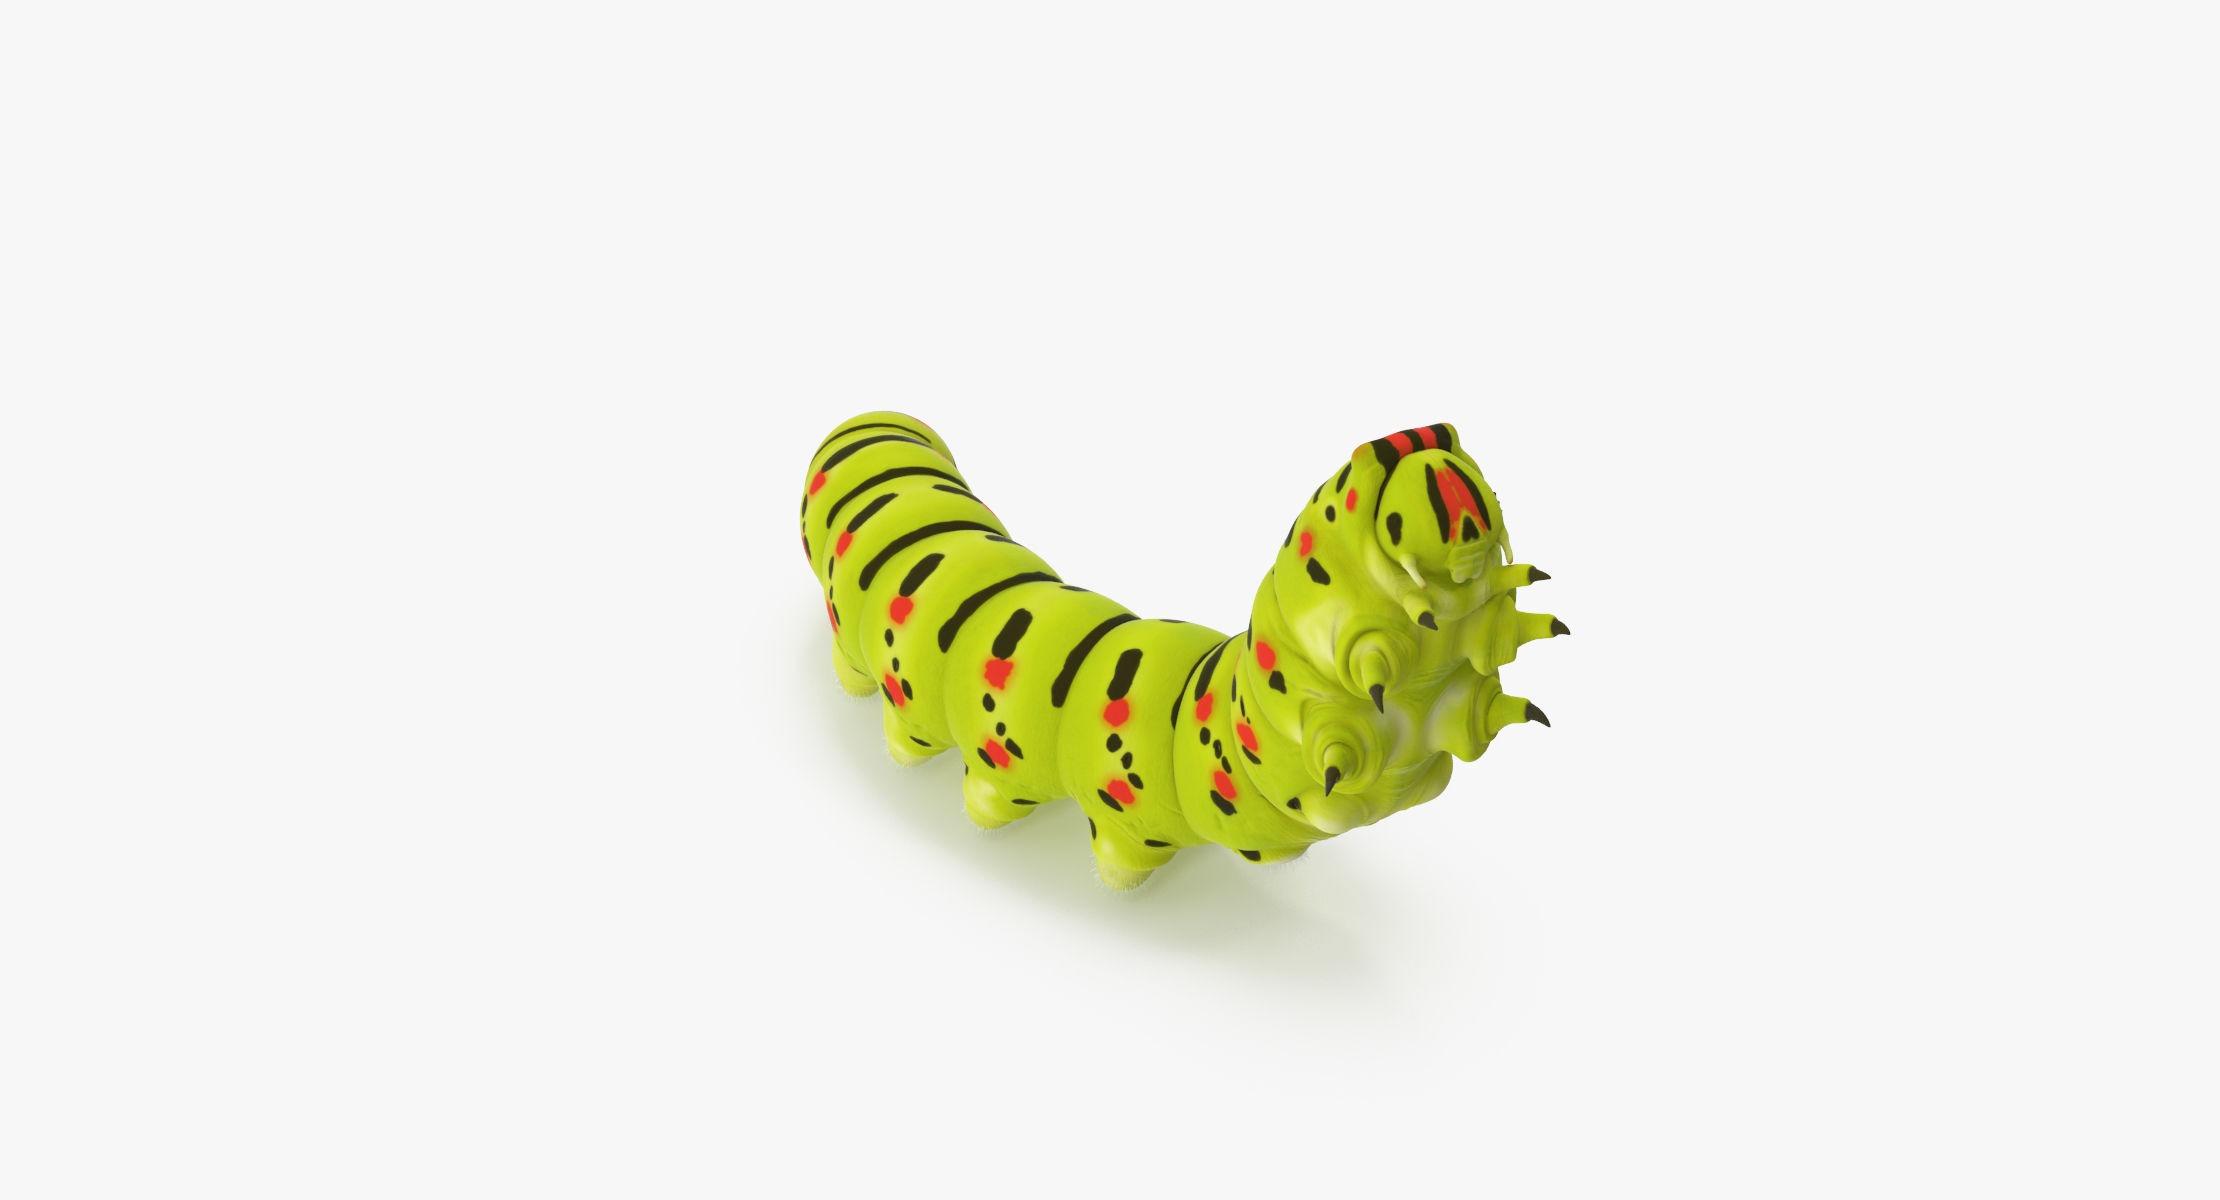 Caterpillar Climbing Up - reel 1